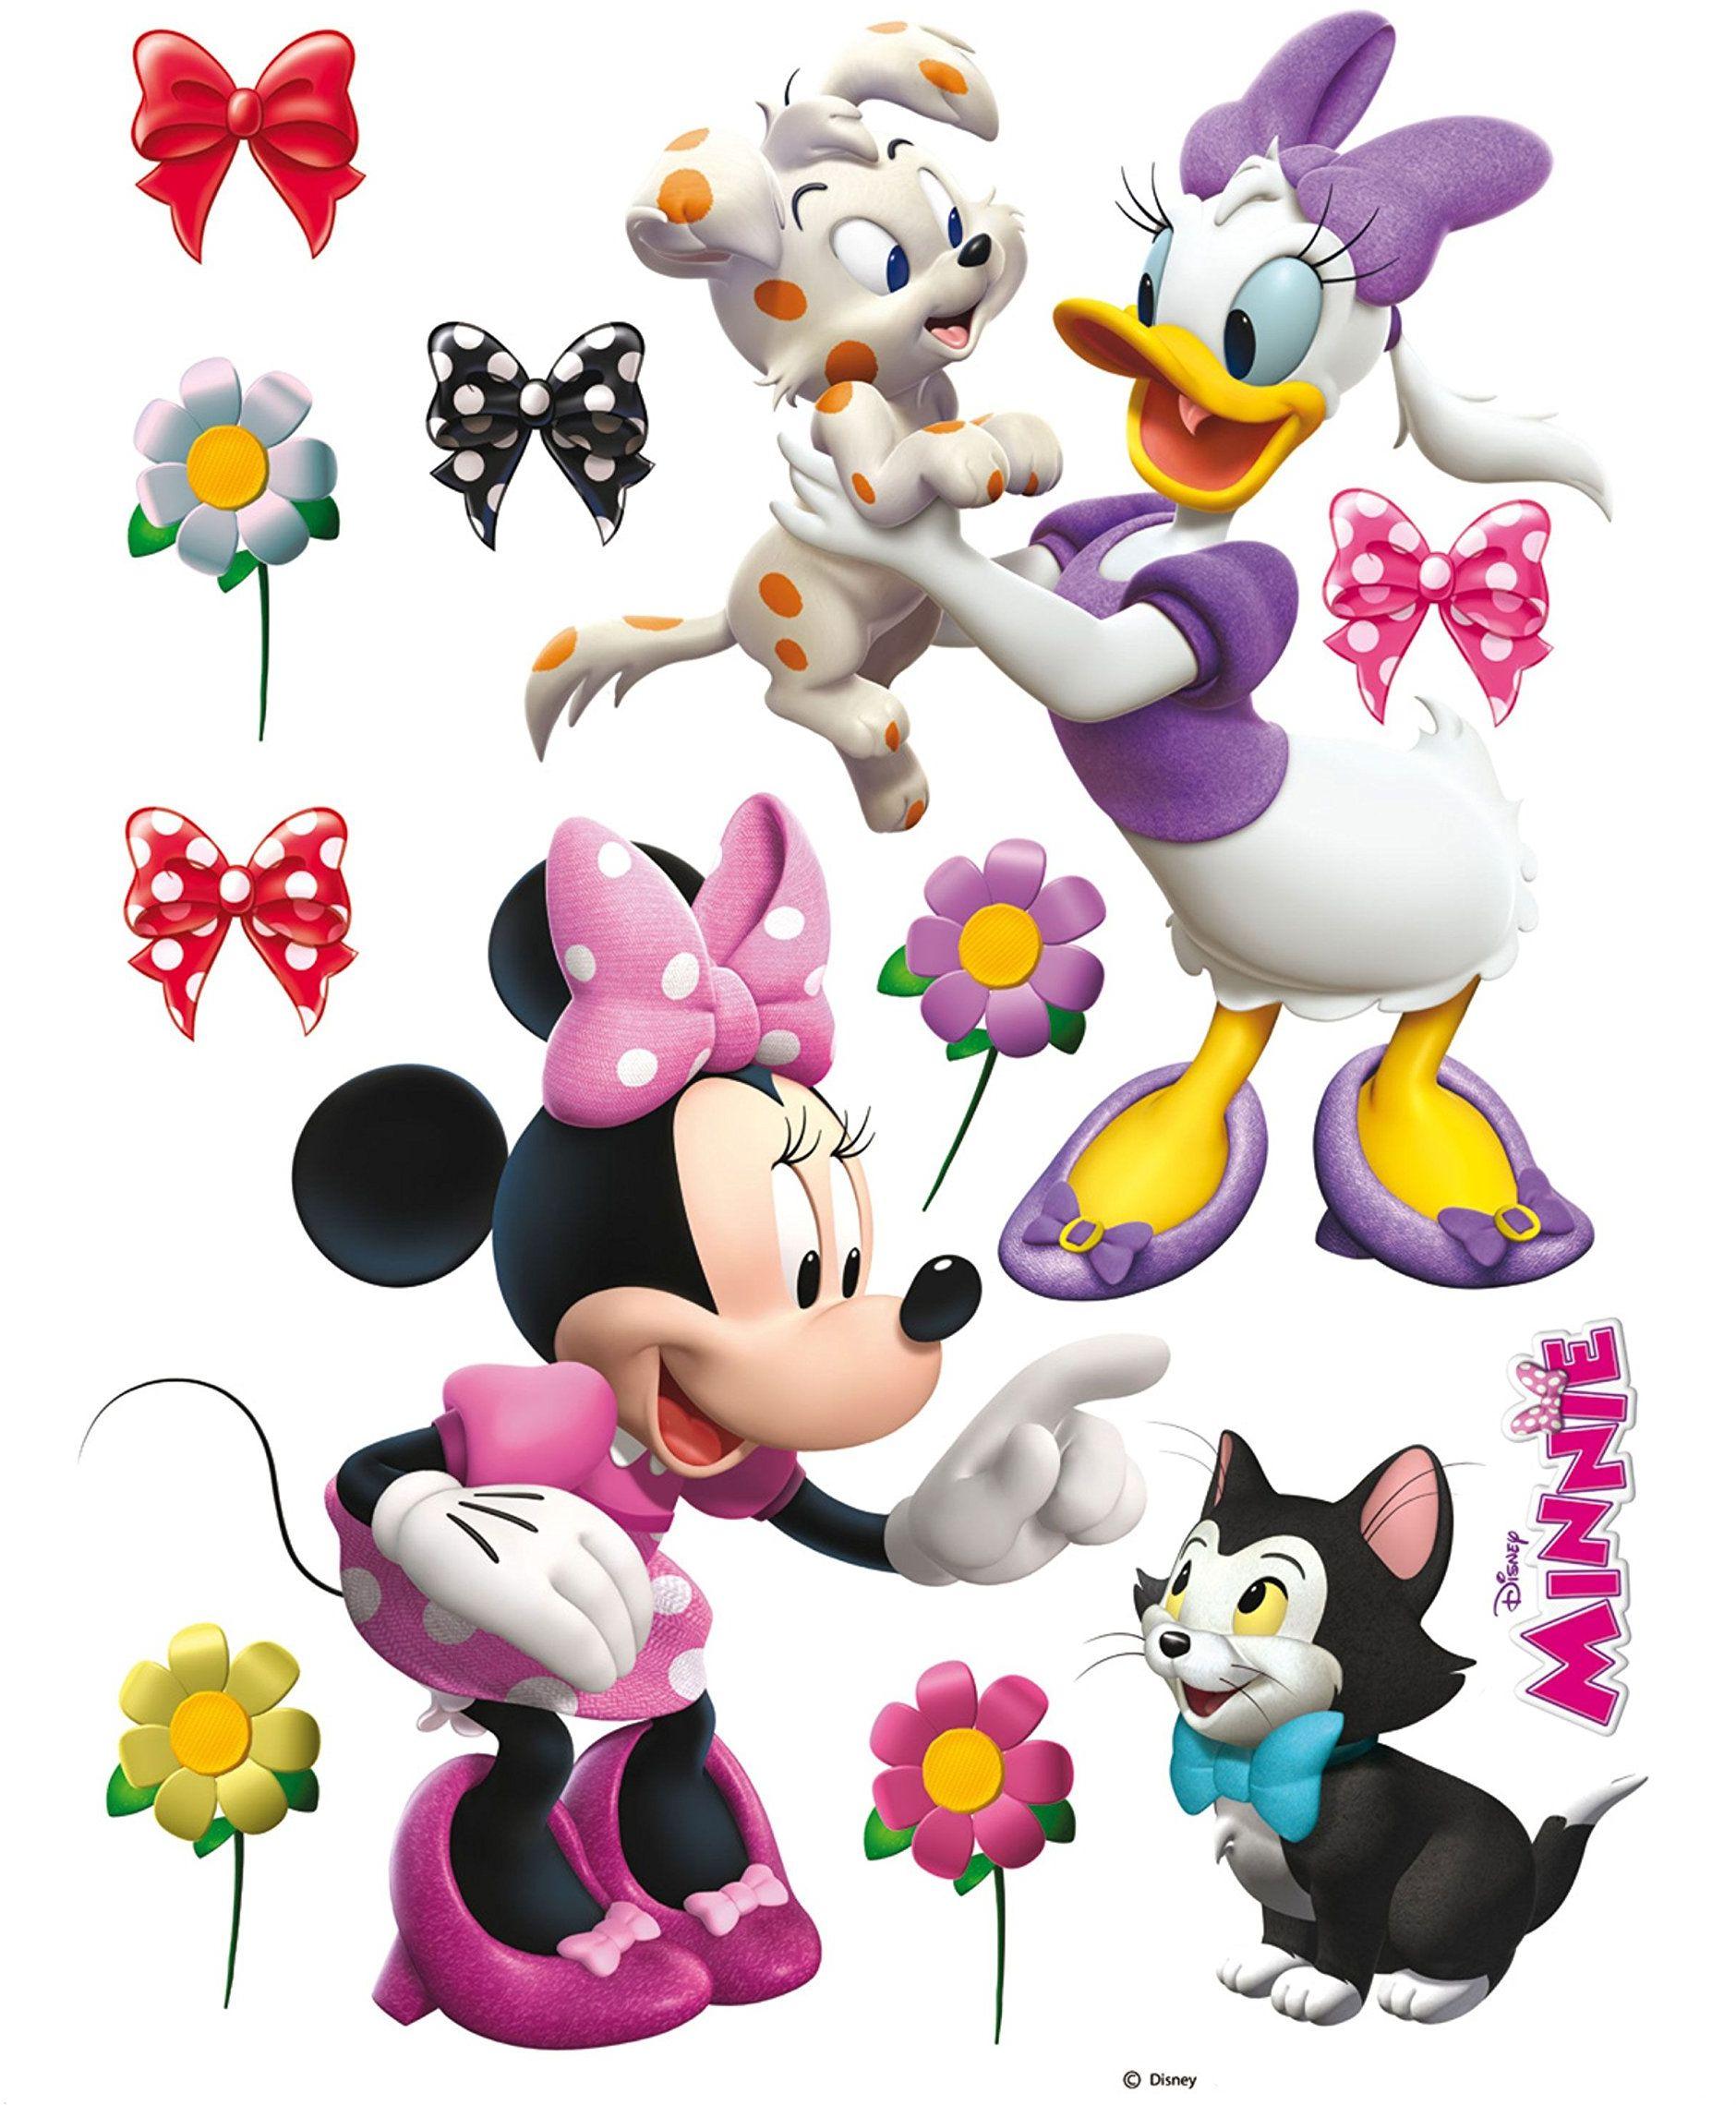 Naklejka ścienna DK 1768 Disney Minnie Mouse